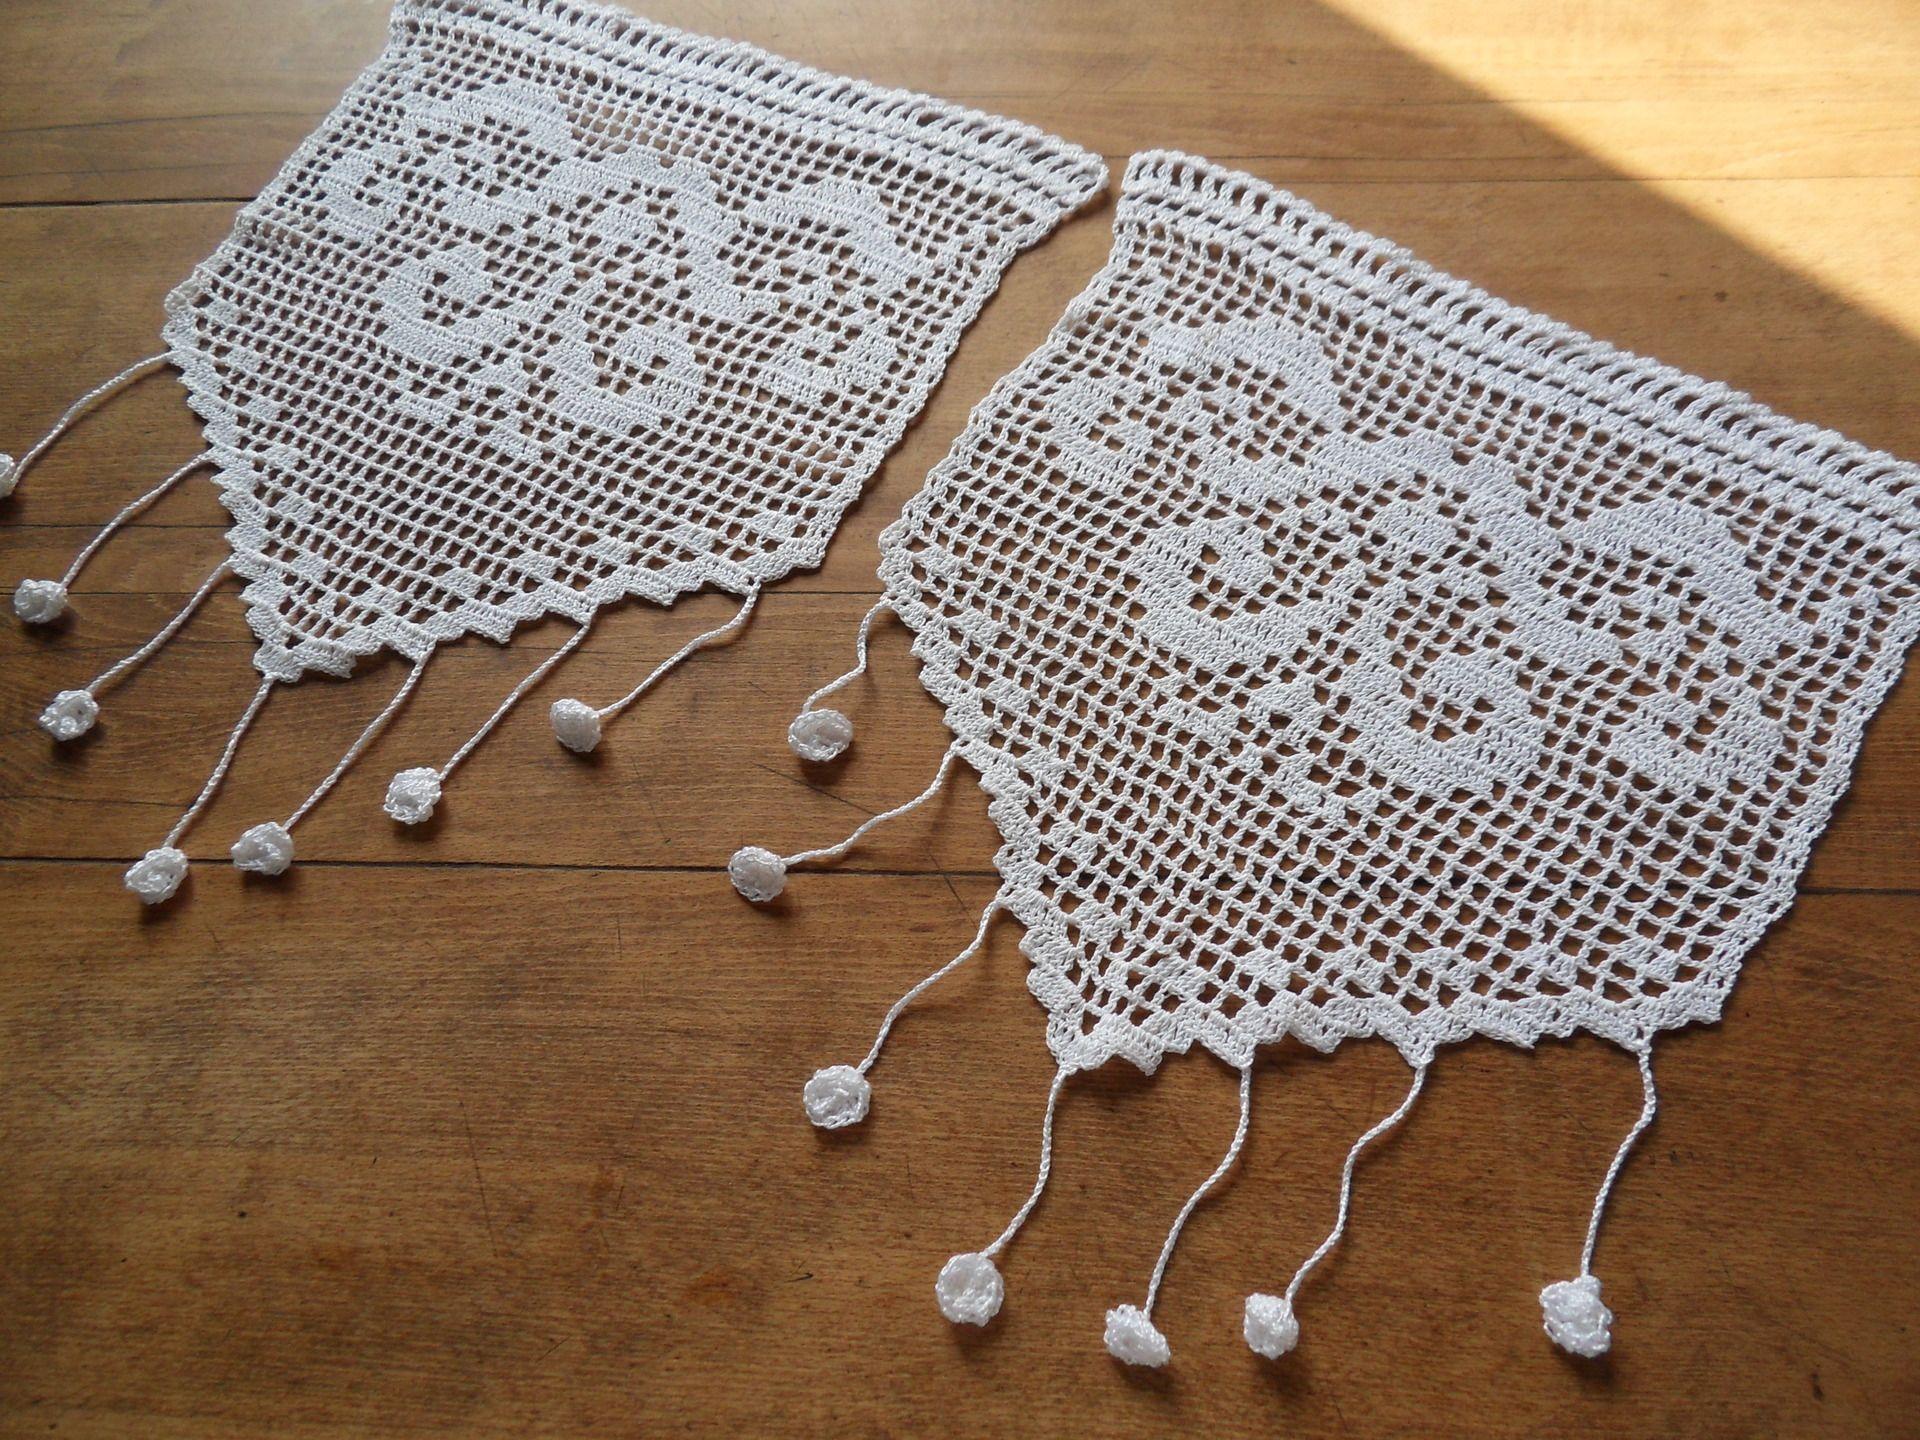 rideau crochet fait main dentelle elisabeth 39 s arabesques rideaux crochet arabesque et fait main. Black Bedroom Furniture Sets. Home Design Ideas